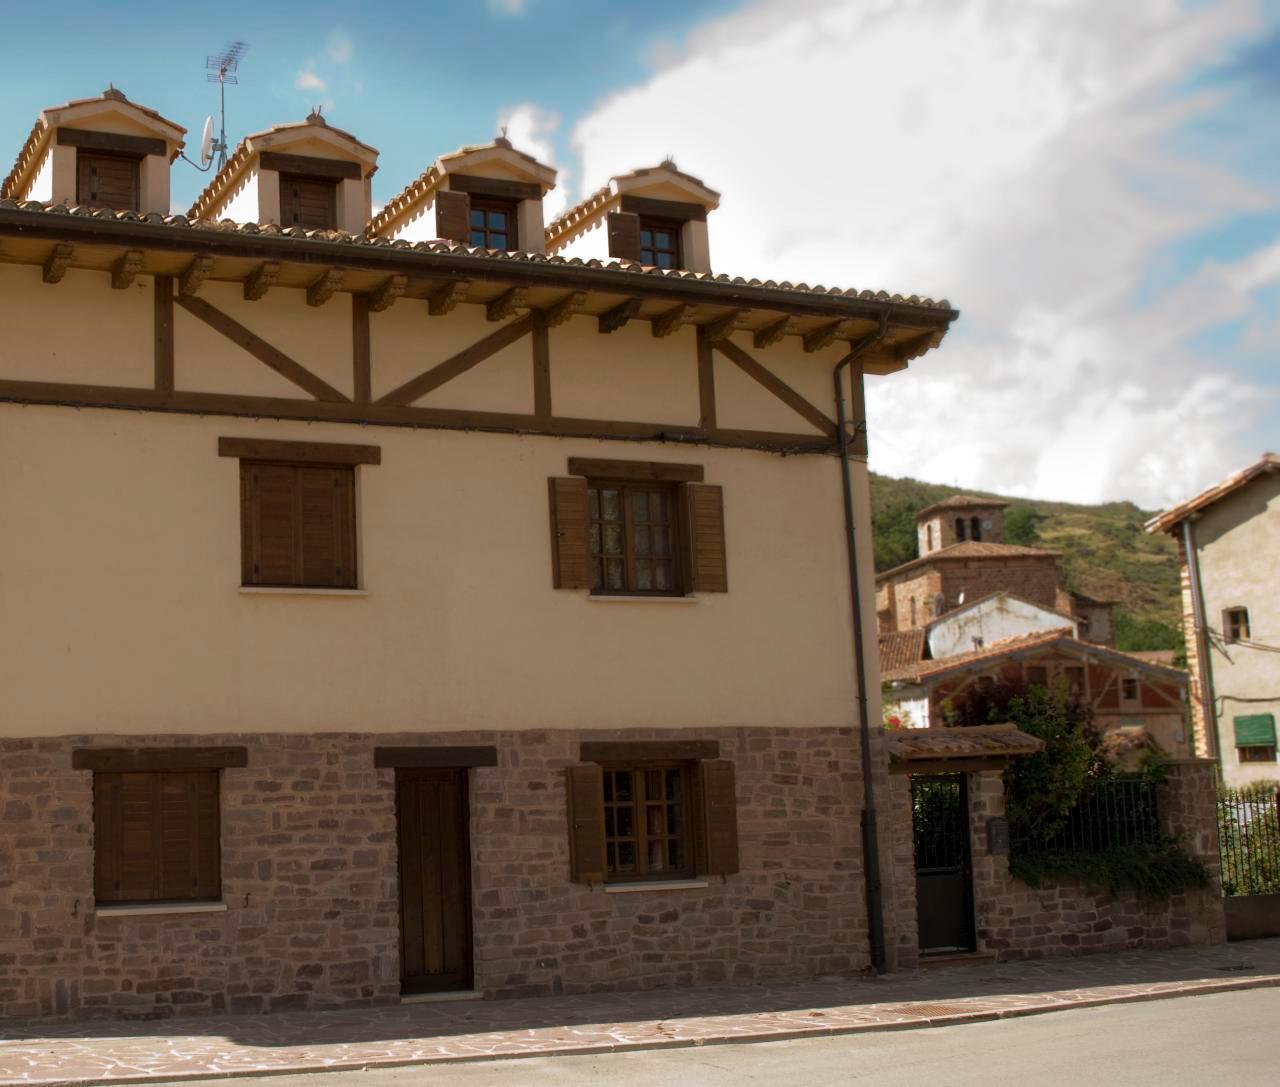 Ferienhaus CASA RURAL FRESNEDA. ALOJAMIENTO DE CALMA Y ENCANTO (2182849), Fresneda de la Sierra Tiron, Burgos, Kastilien-León, Spanien, Bild 2